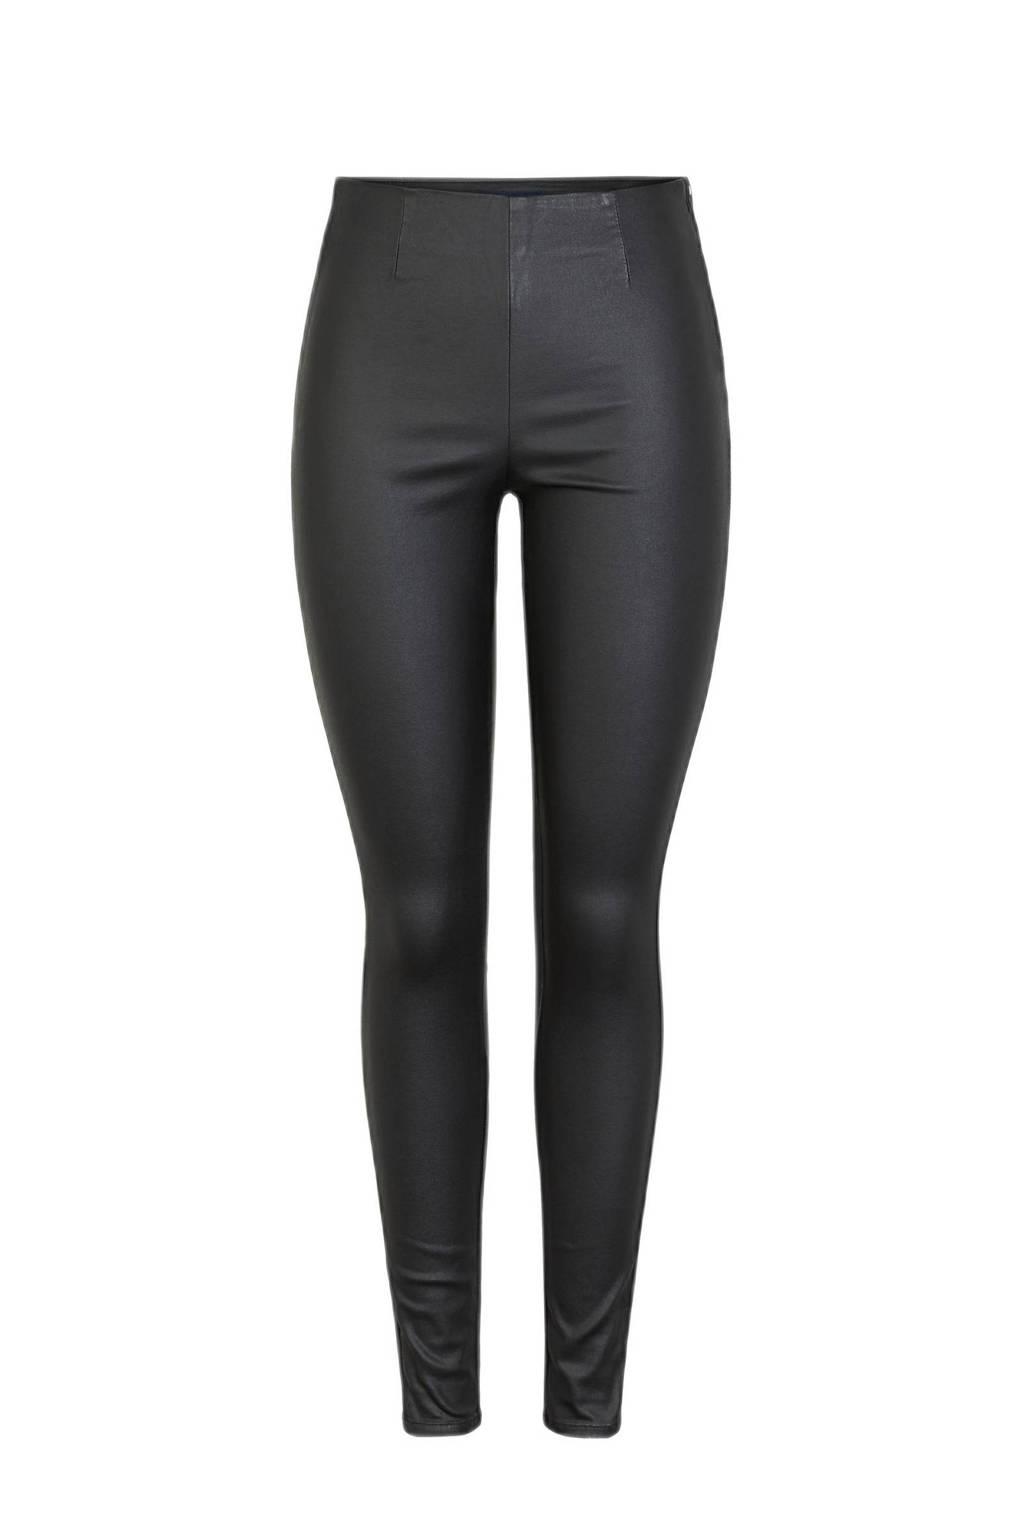 PIECES coated legging, Zwart